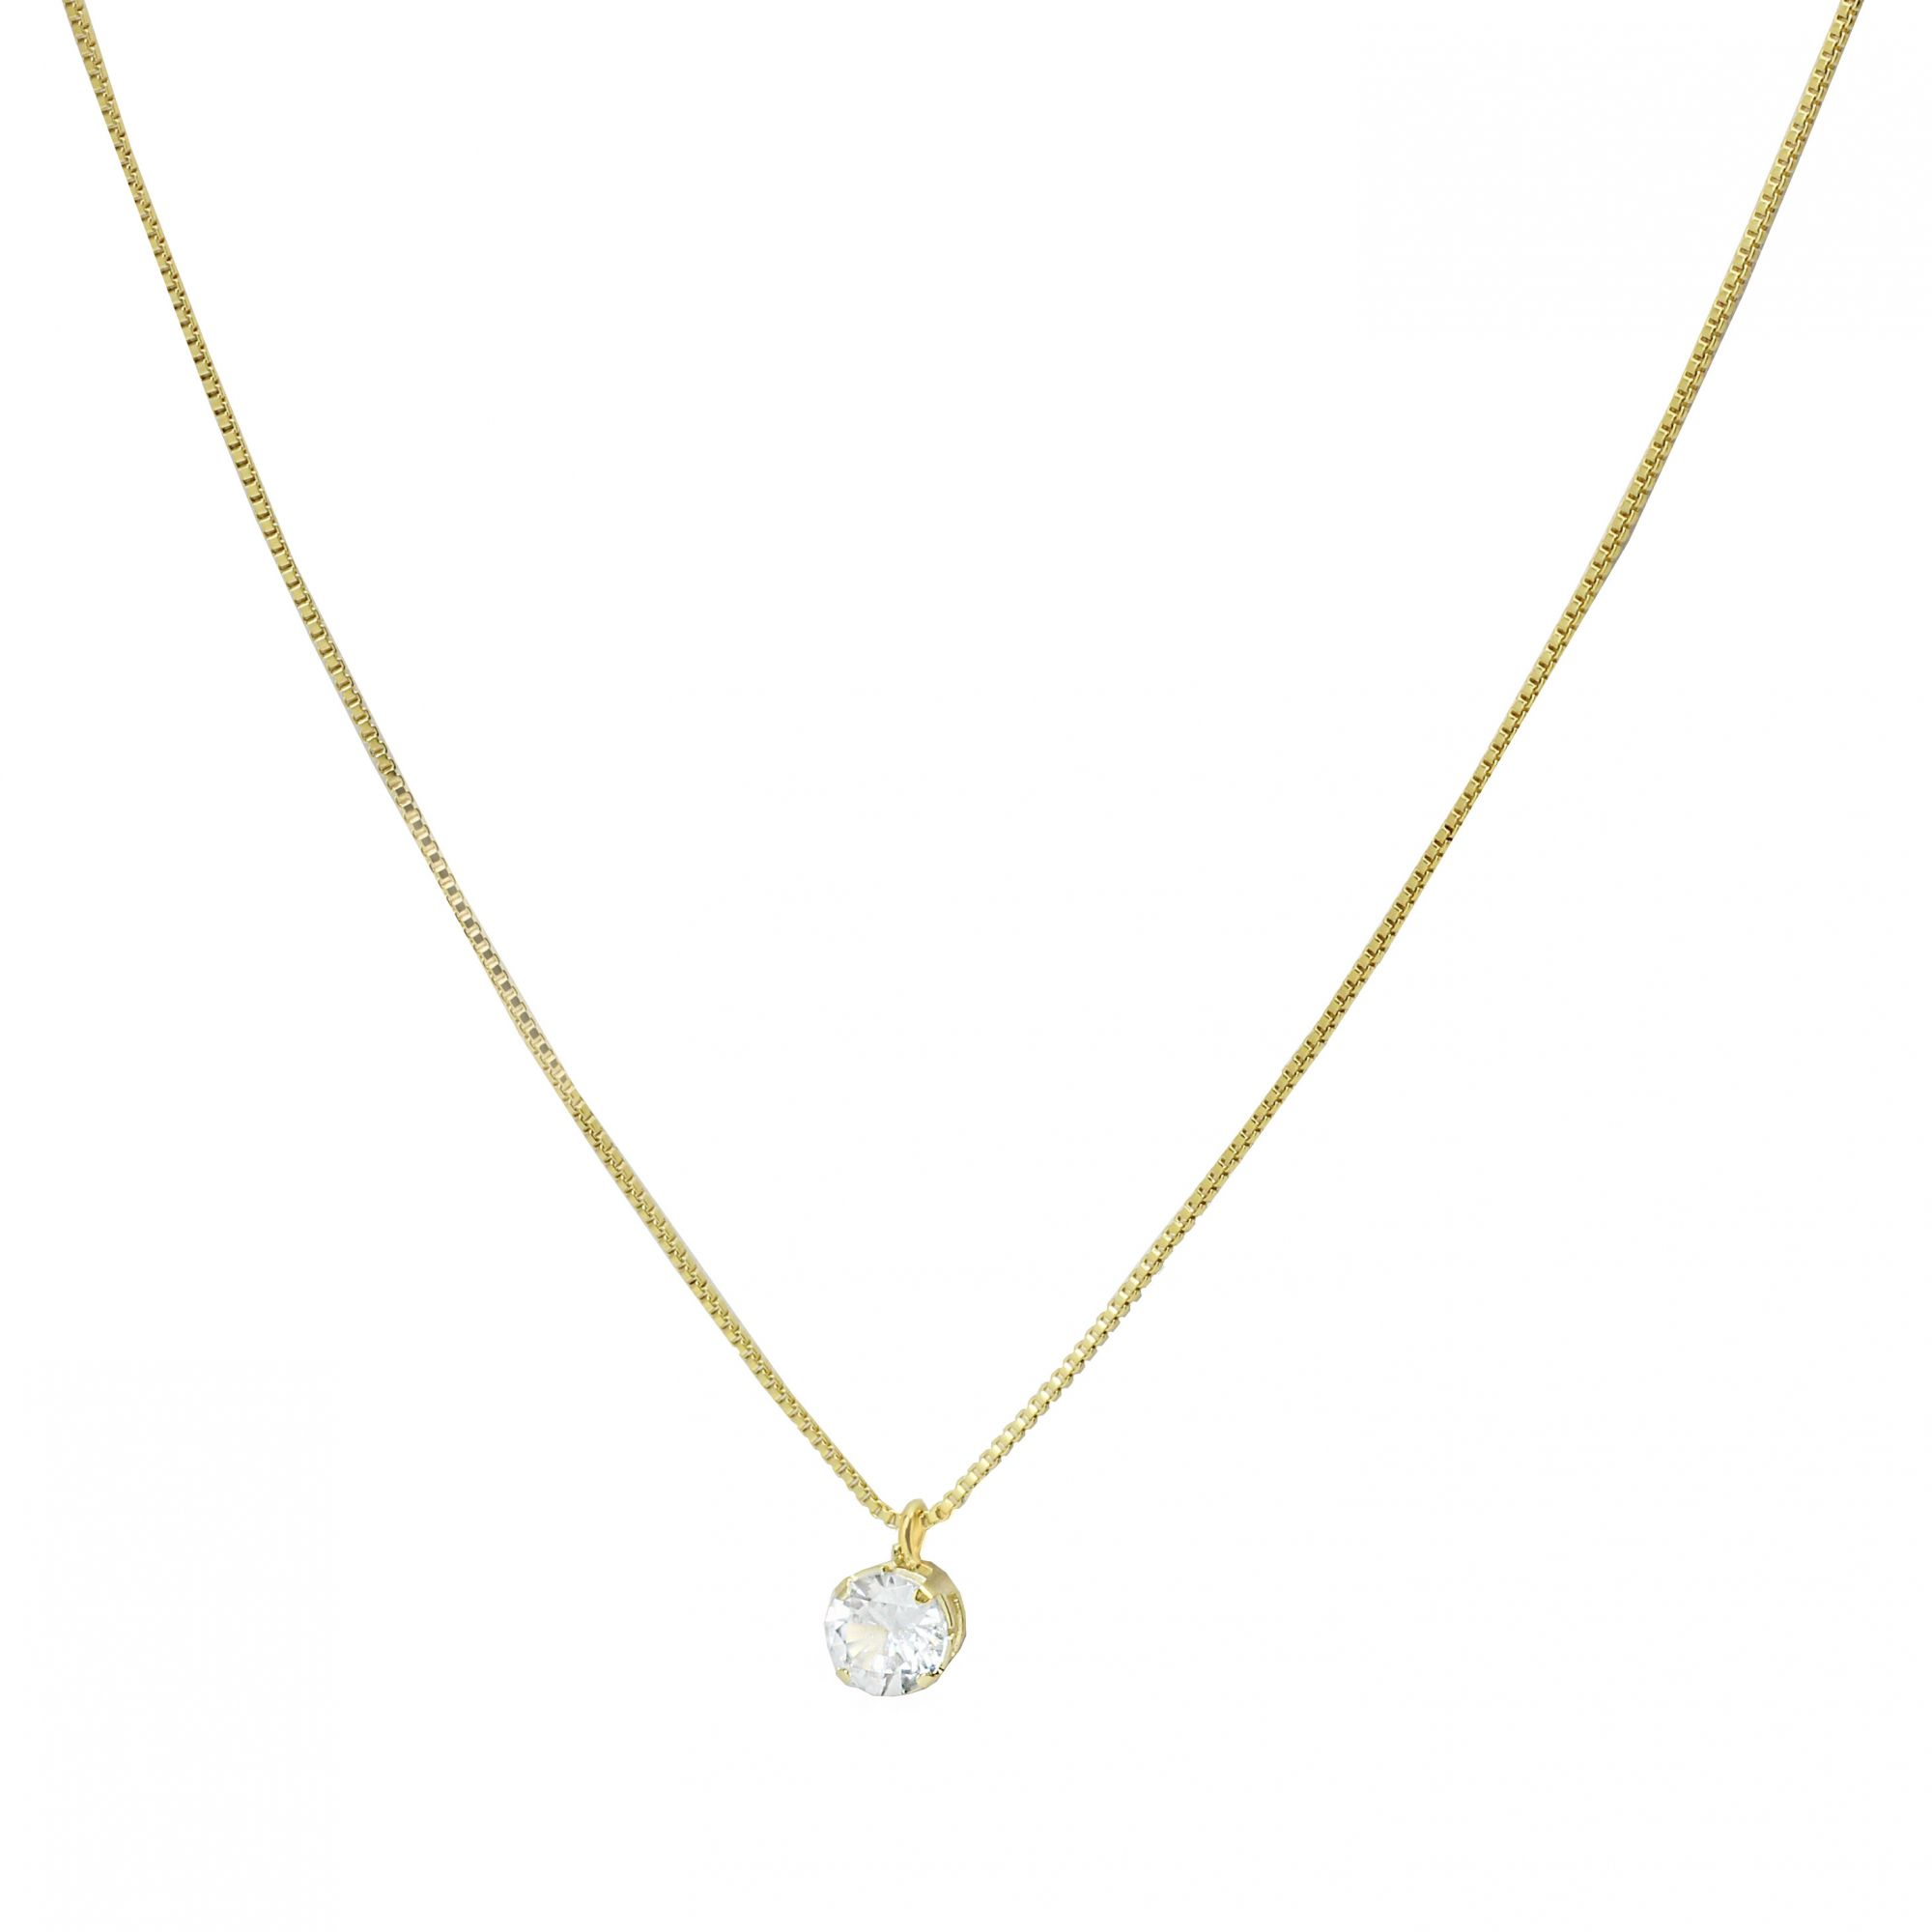 mmn produtos detalhes brinco feminino ponto de luz c 1 zirconia diamante  banho ouro 18k 1bri000 - Busca na Lunozê Joias d5de765424